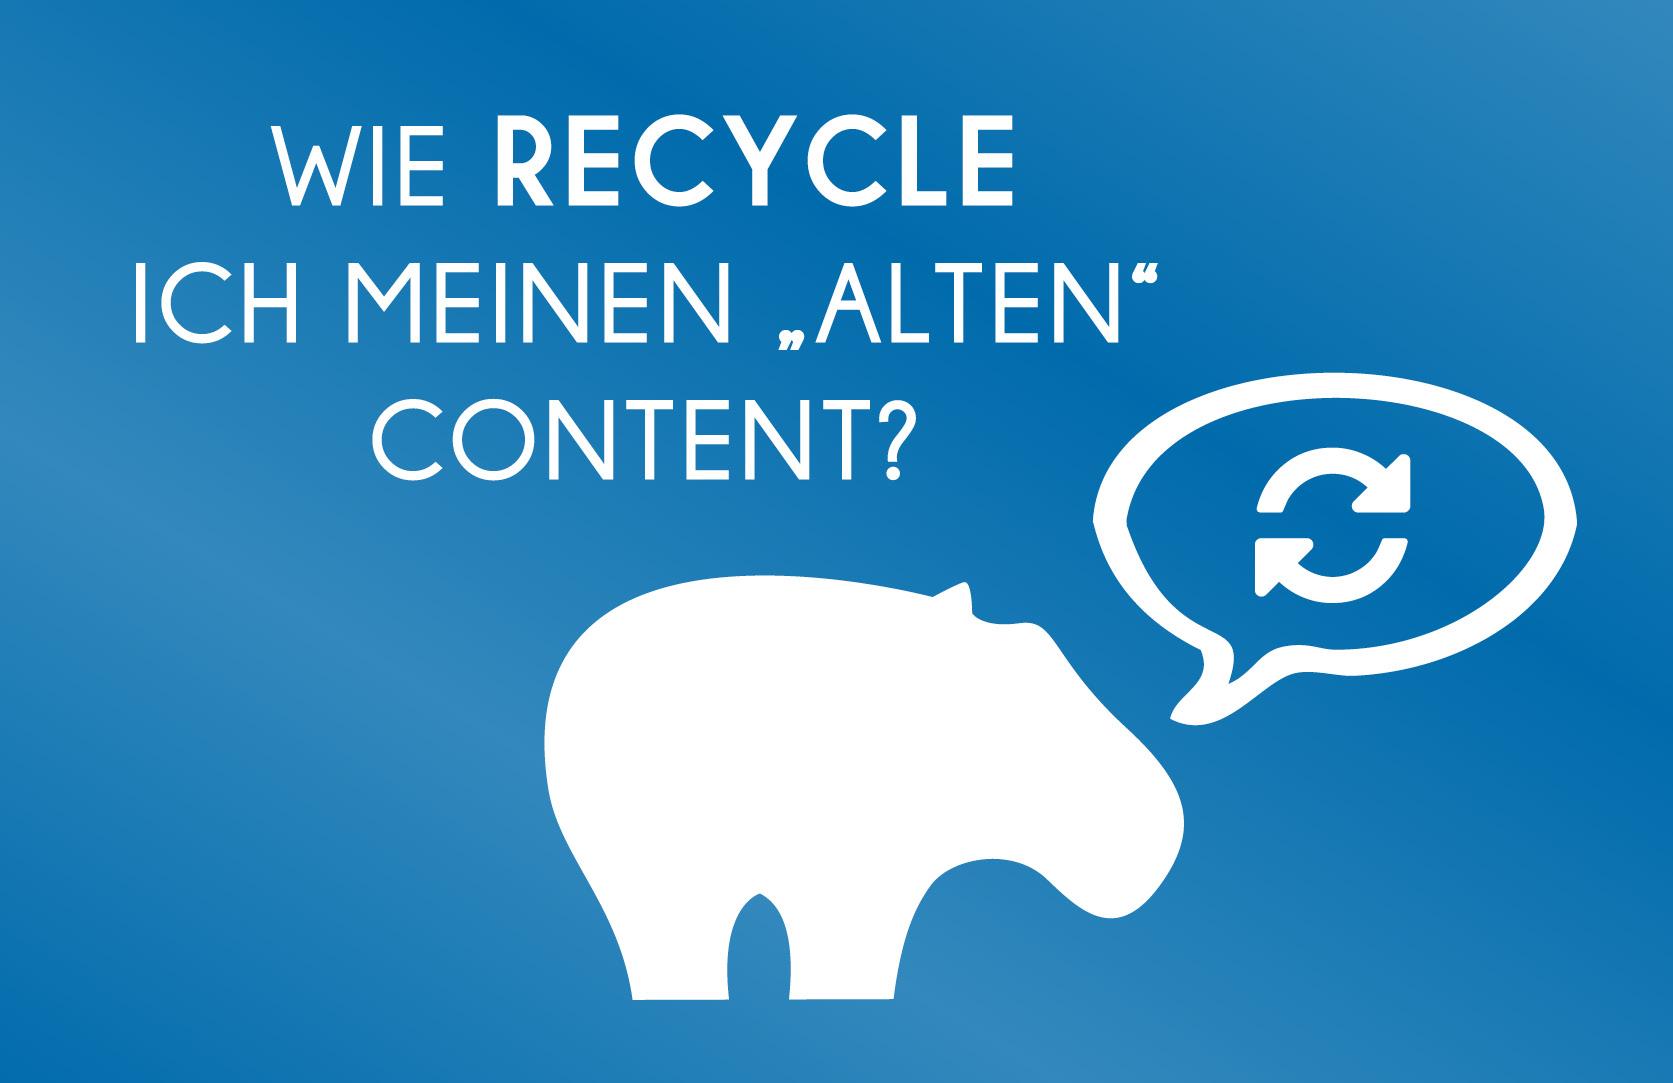 Alter Content - Blue Hippo ziehgt Dir wie Du Deine alten Inhalte recycelst